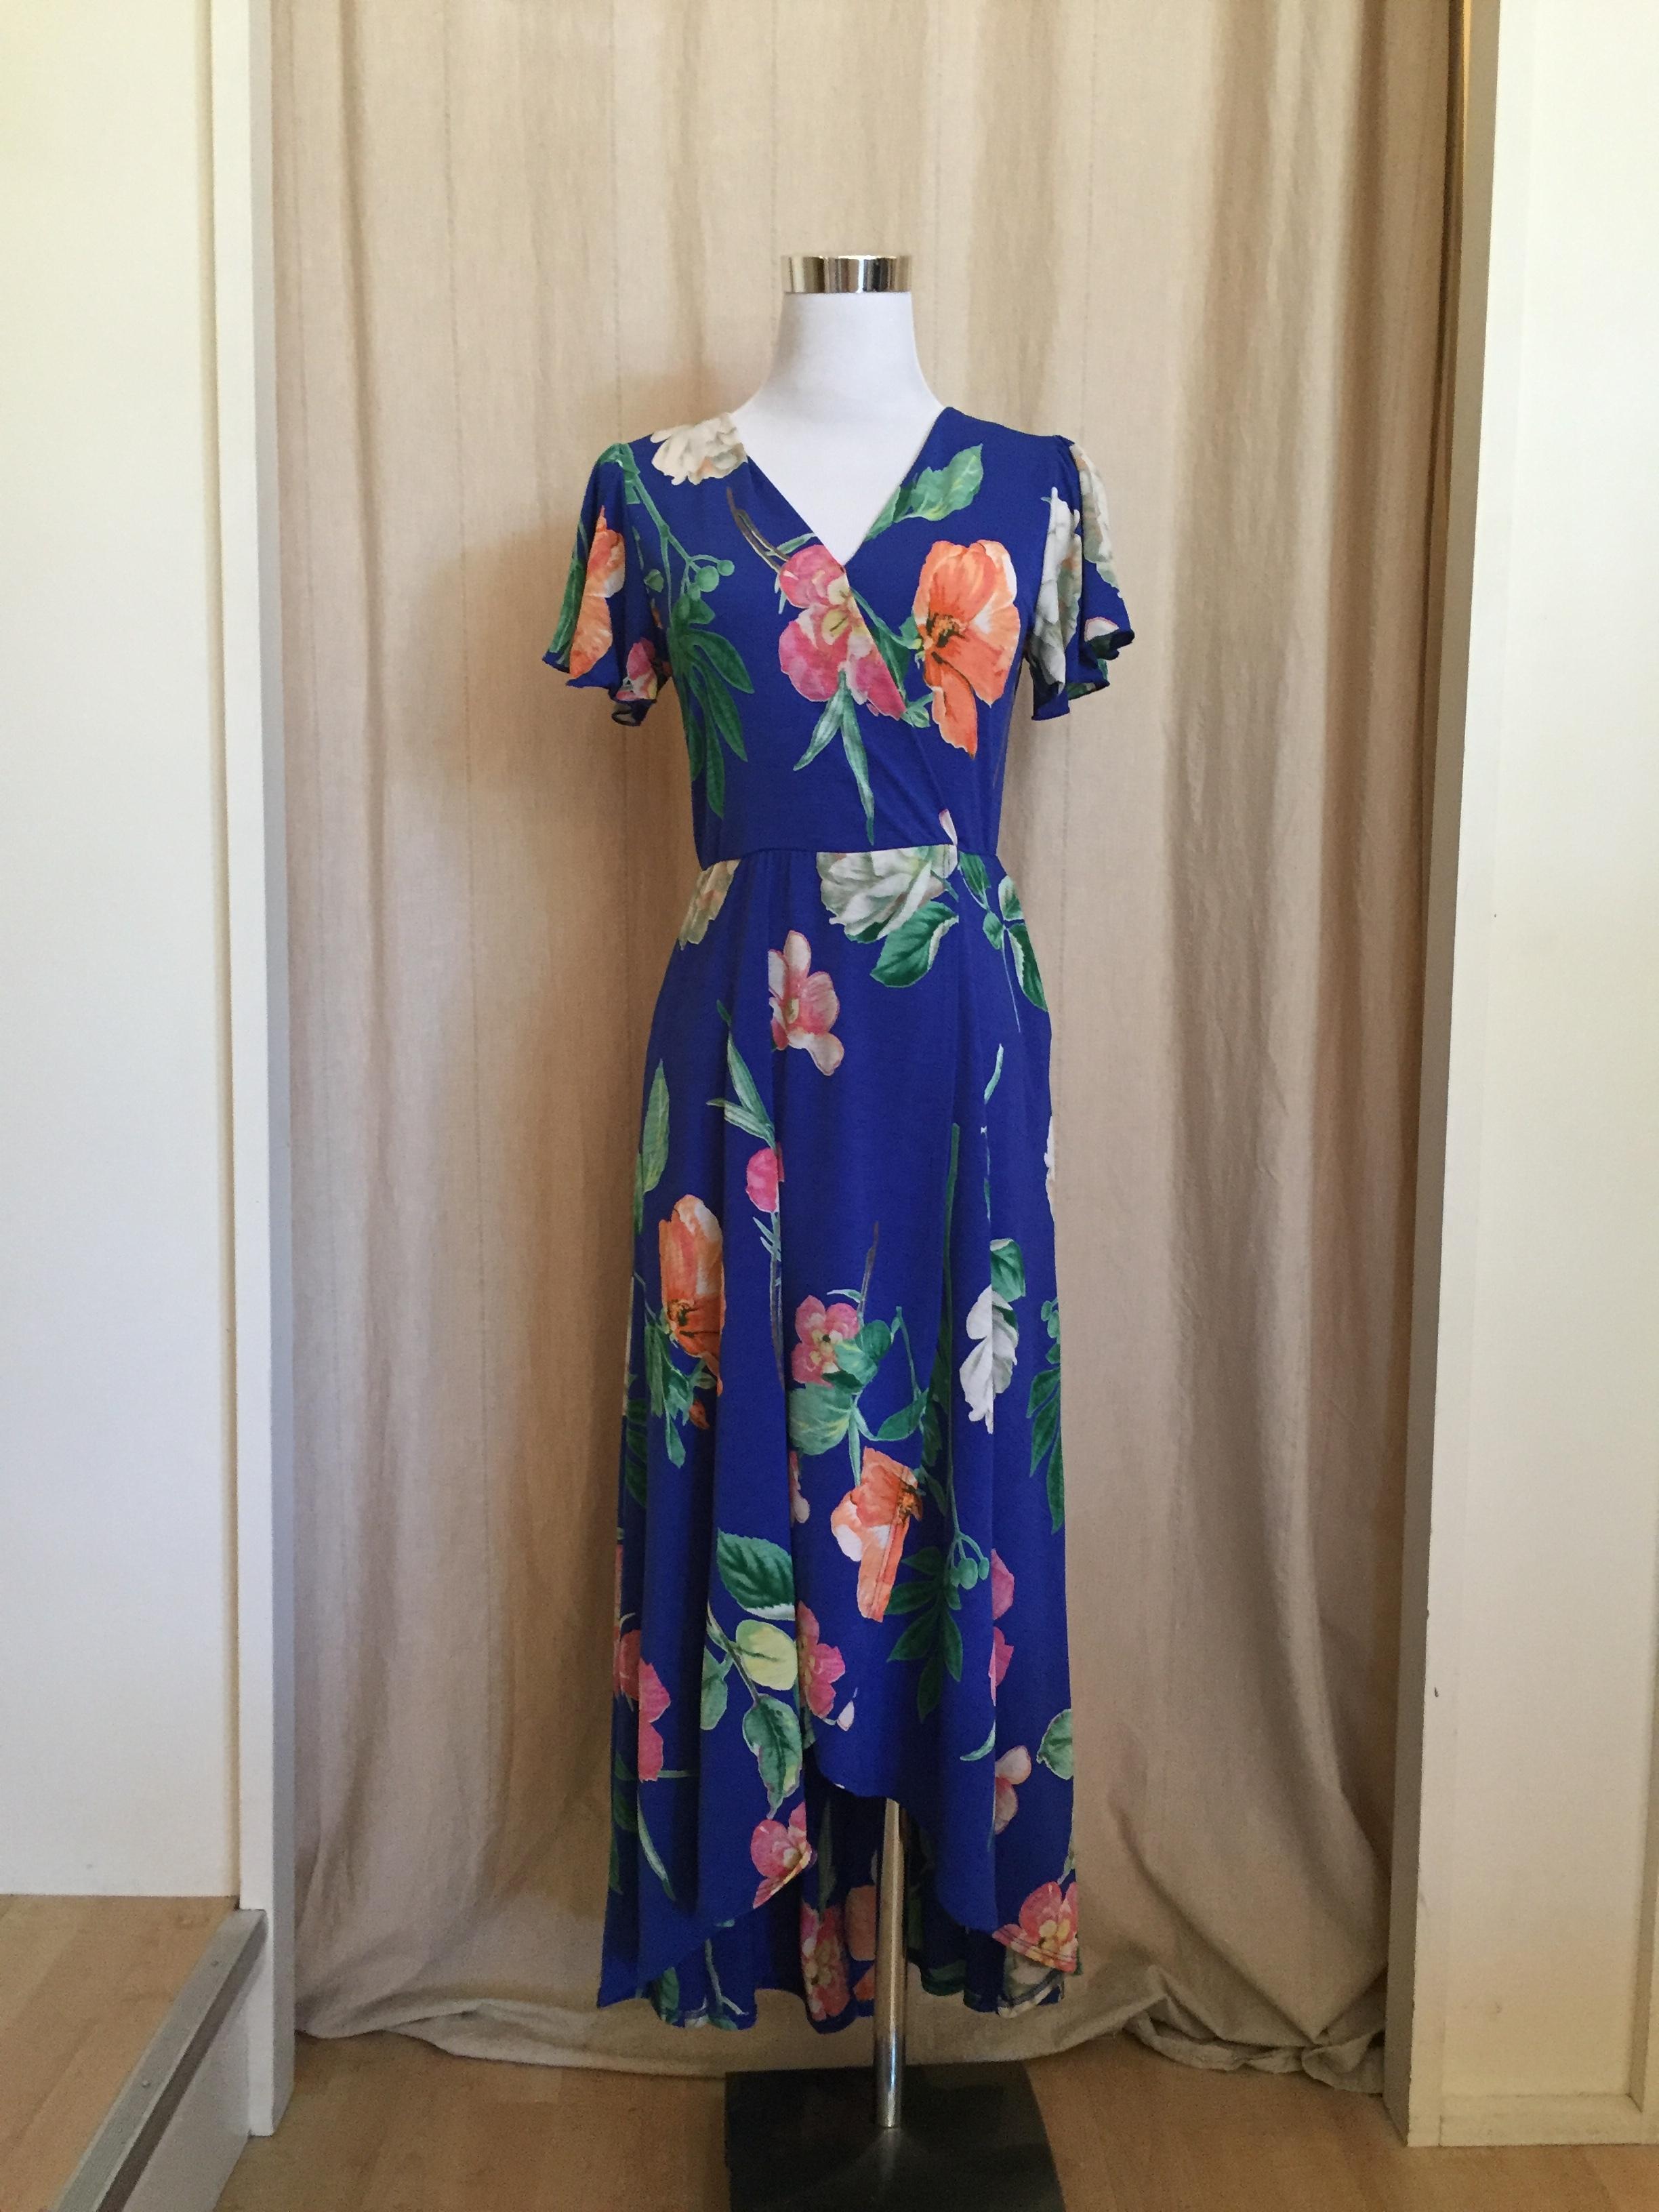 Royal Blue Wrap Dress, $54